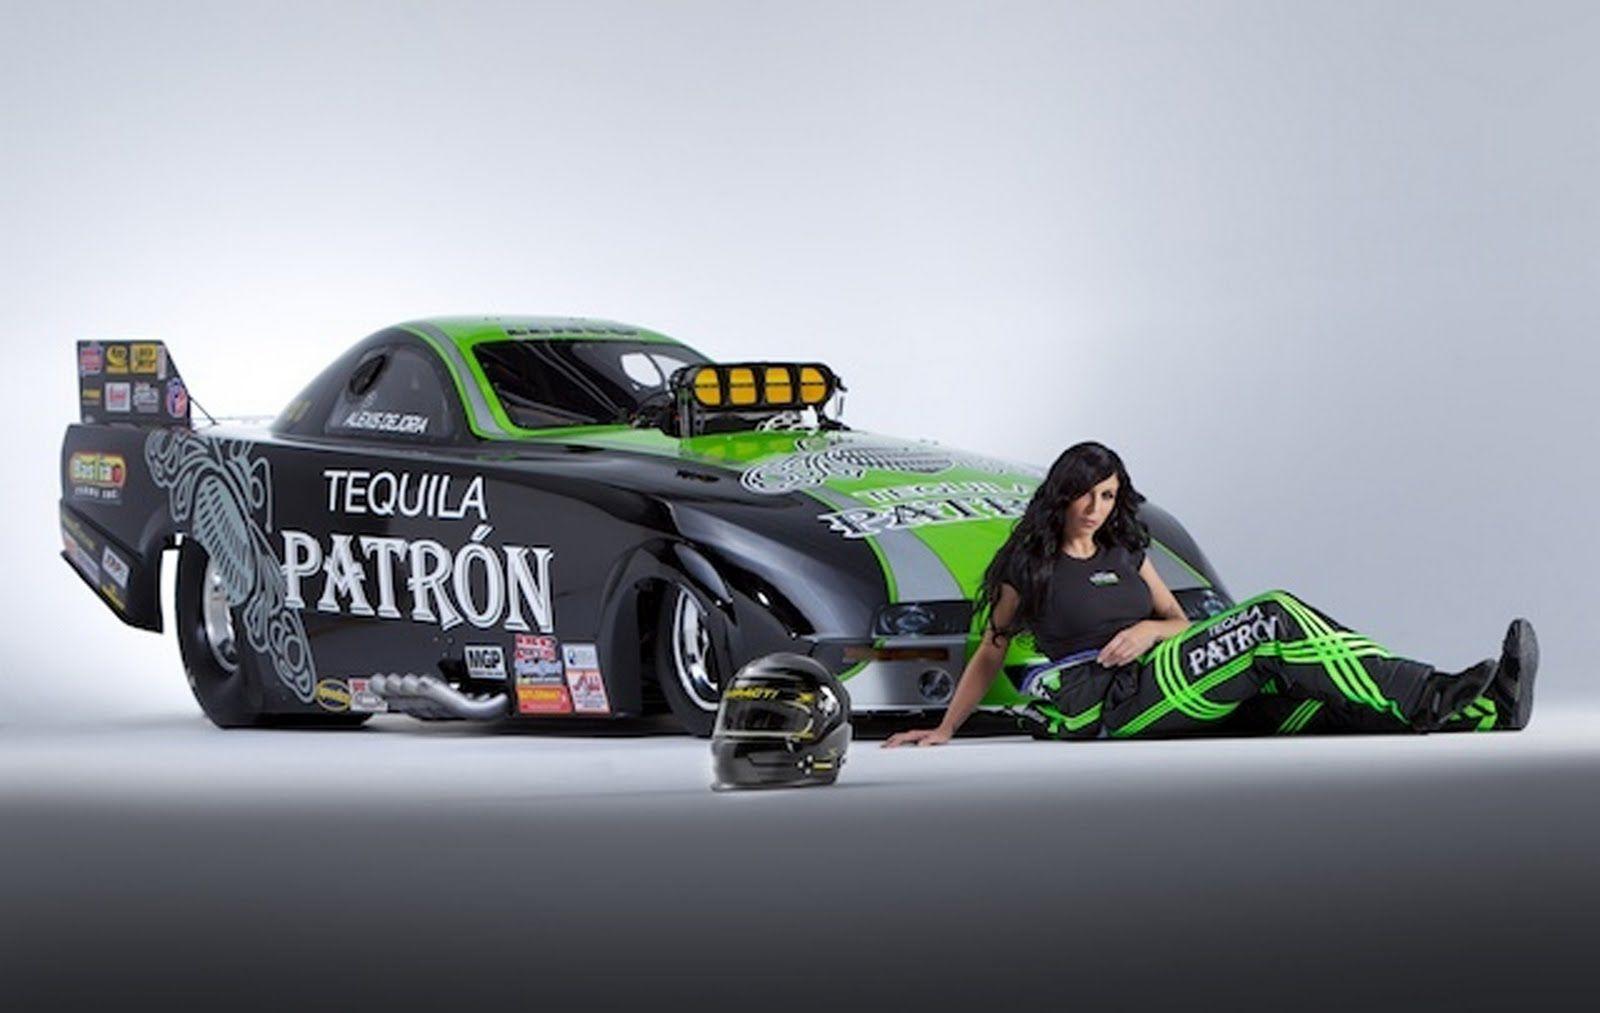 The race cars